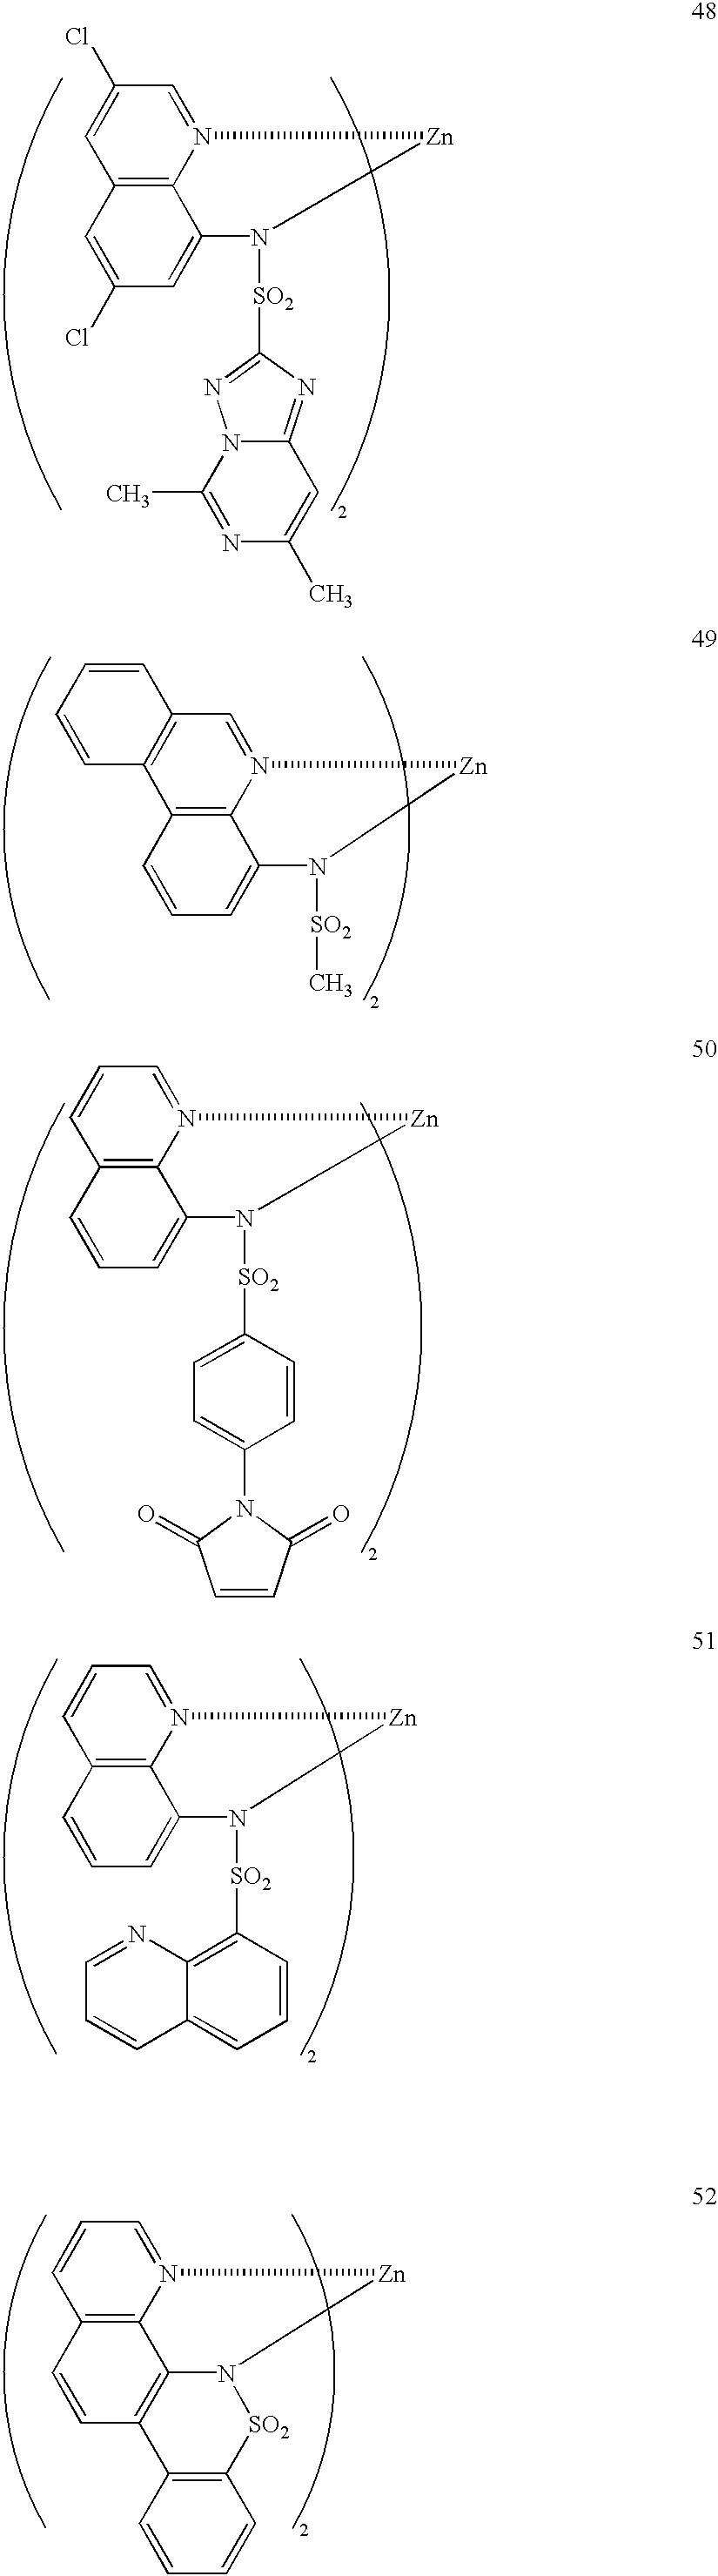 Figure US06528187-20030304-C00030